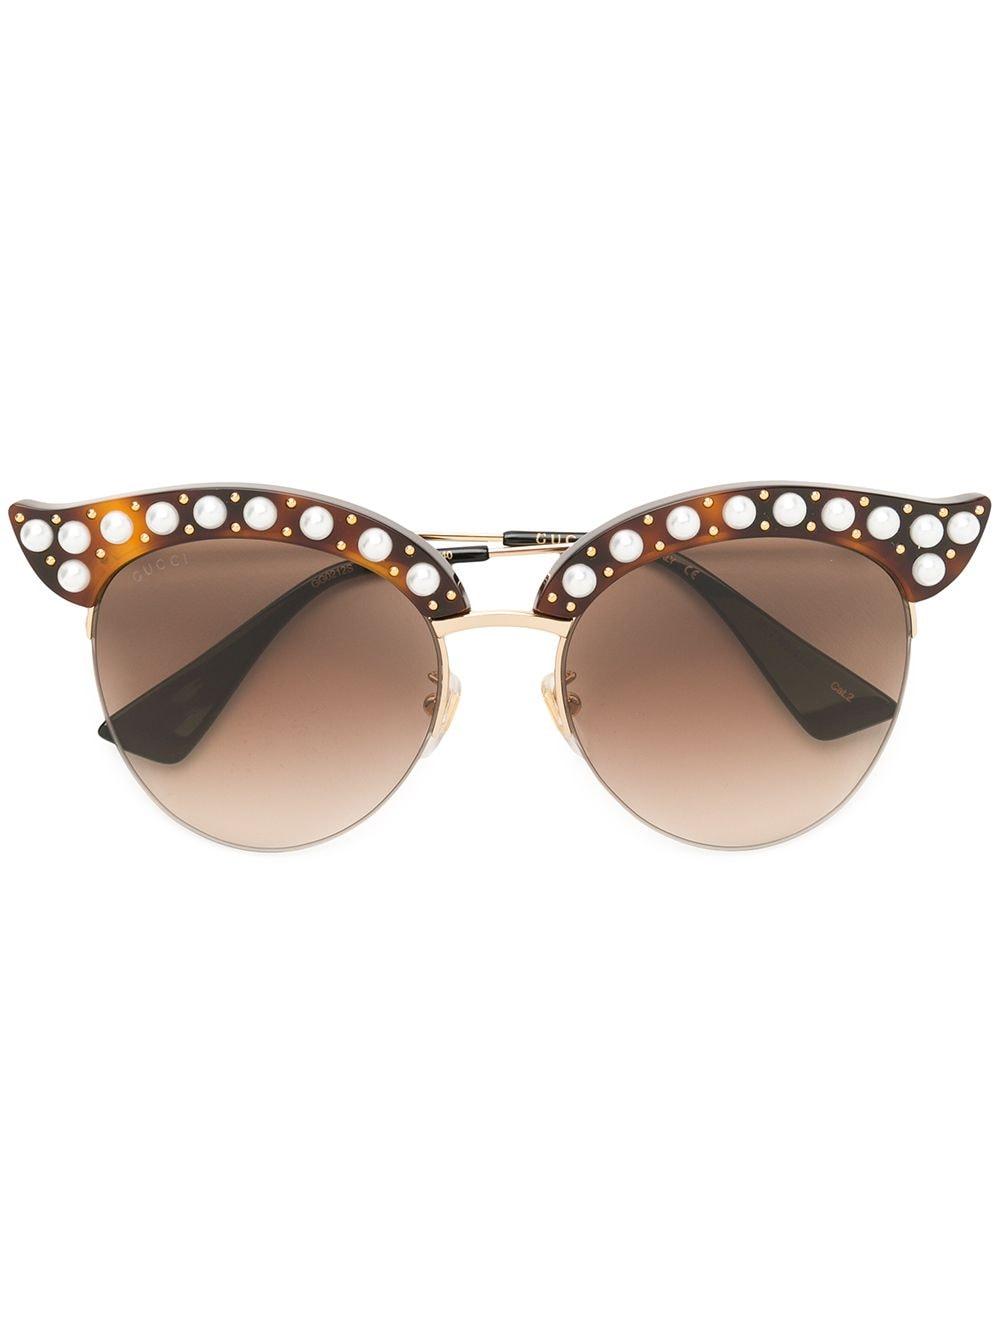 Gucci Eyewear Sonnenbrille mit Perlen - Braun